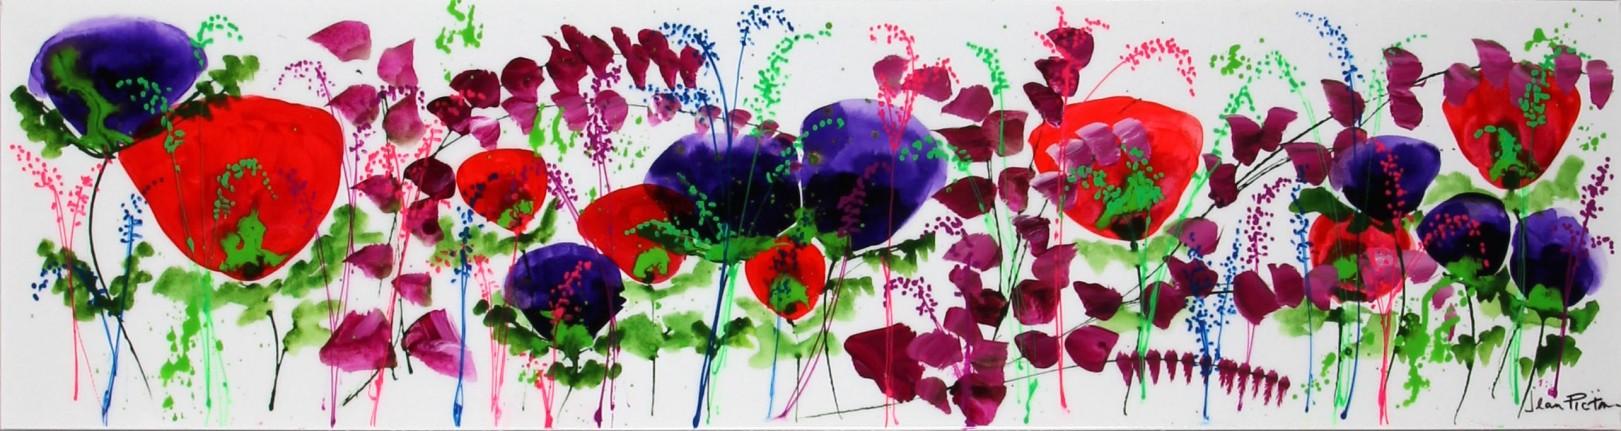 Jean Picton_Original on Canvas_Miles Away_16x60